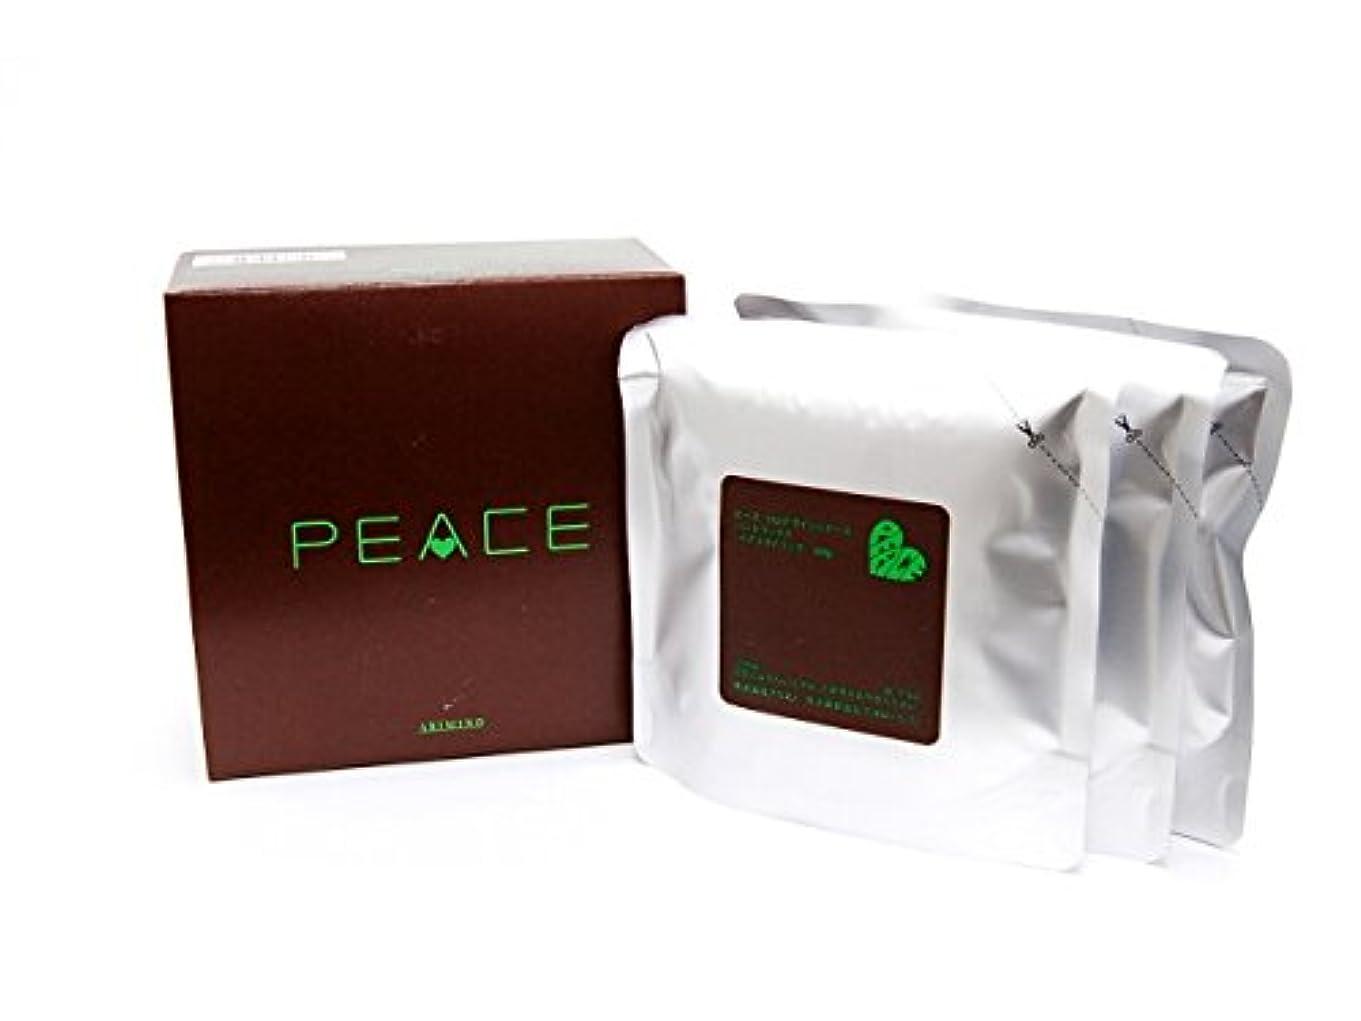 白菜突破口クラッシュピース プロデザインシリーズ ハードワックス チョコ リフィル 80g×3